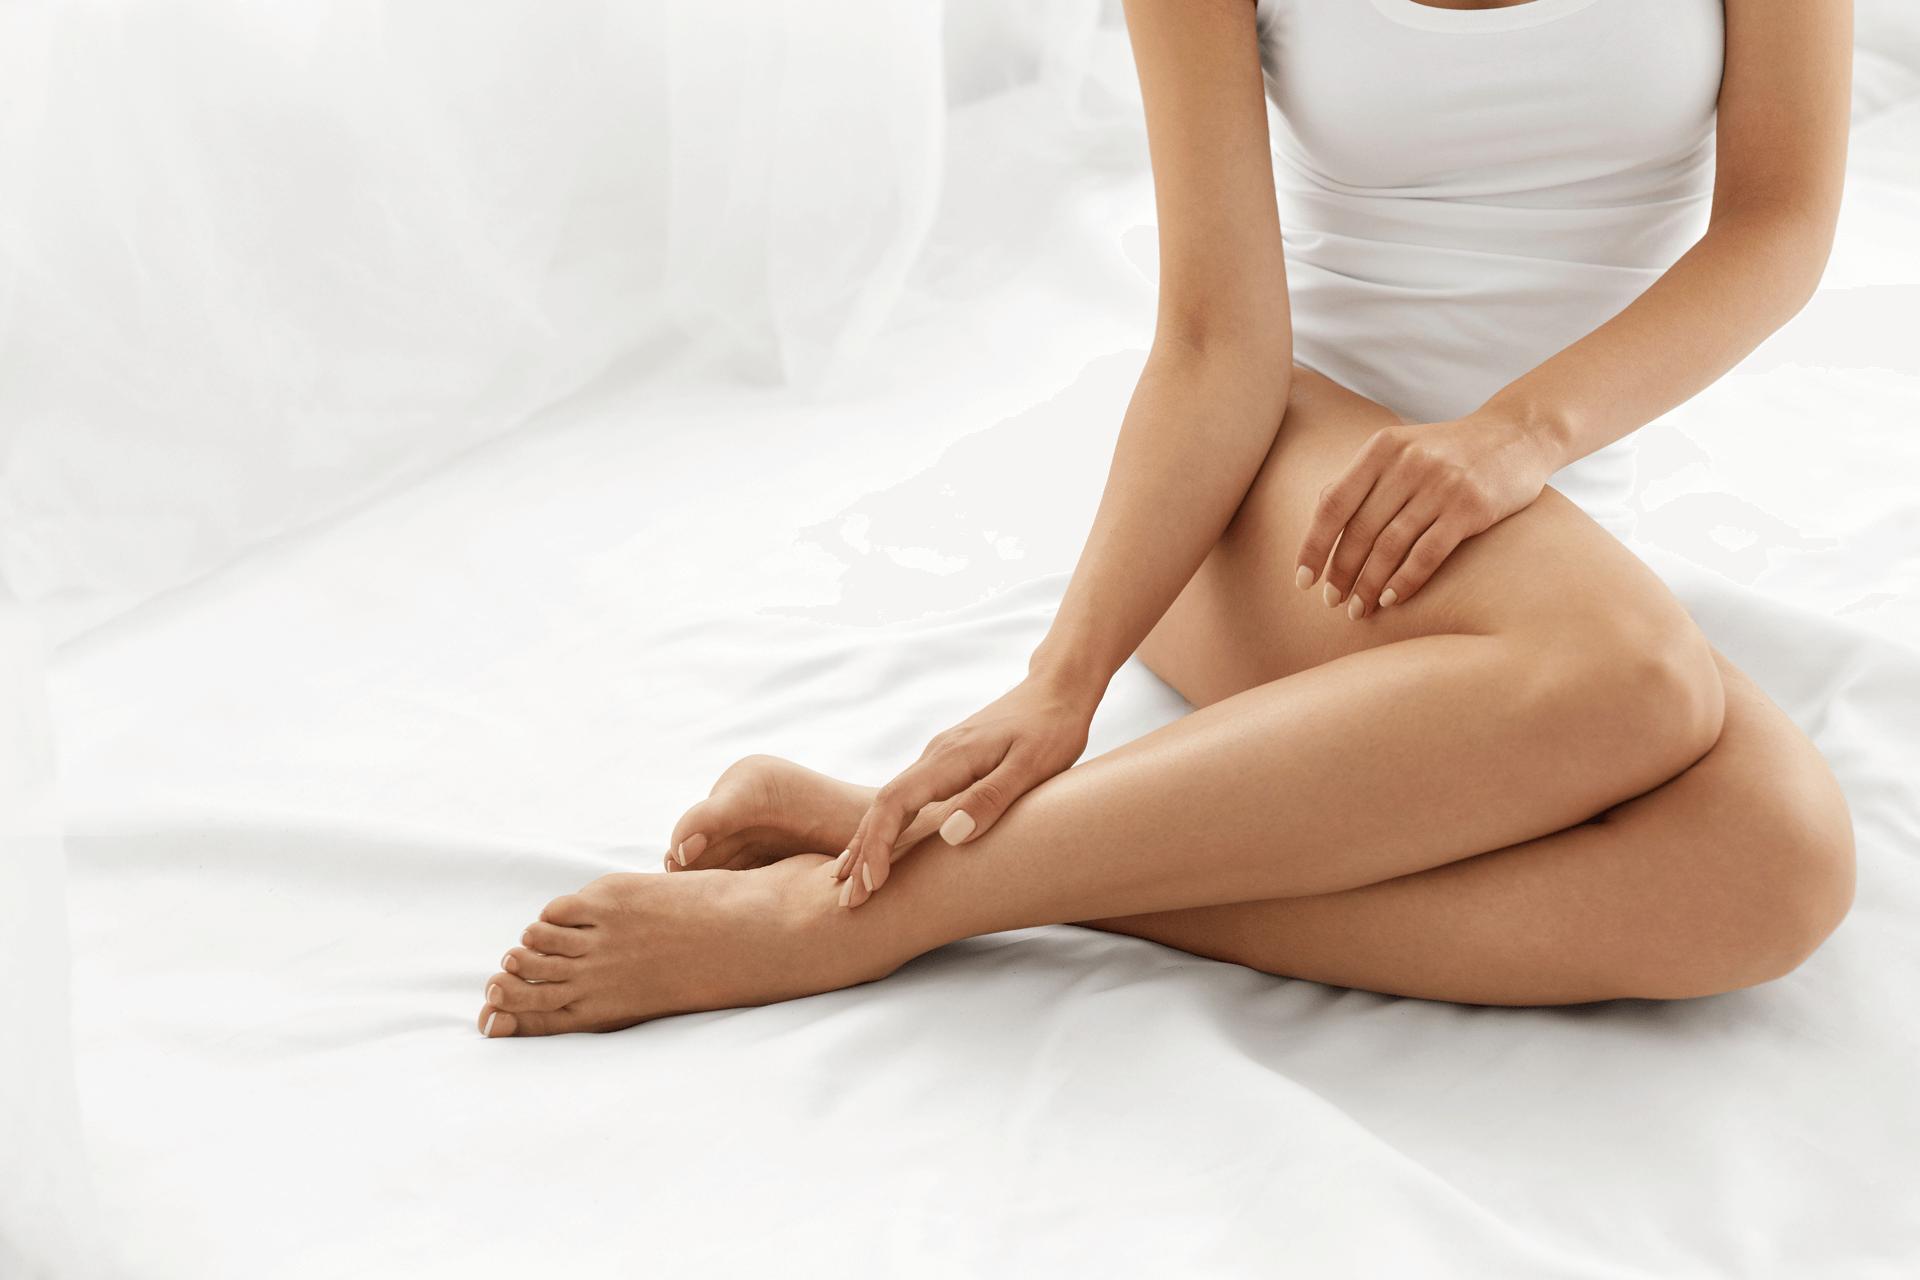 visszér és az ellene folyó harc hogyan kell kezelni a lábak súlyos visszérbetegségét